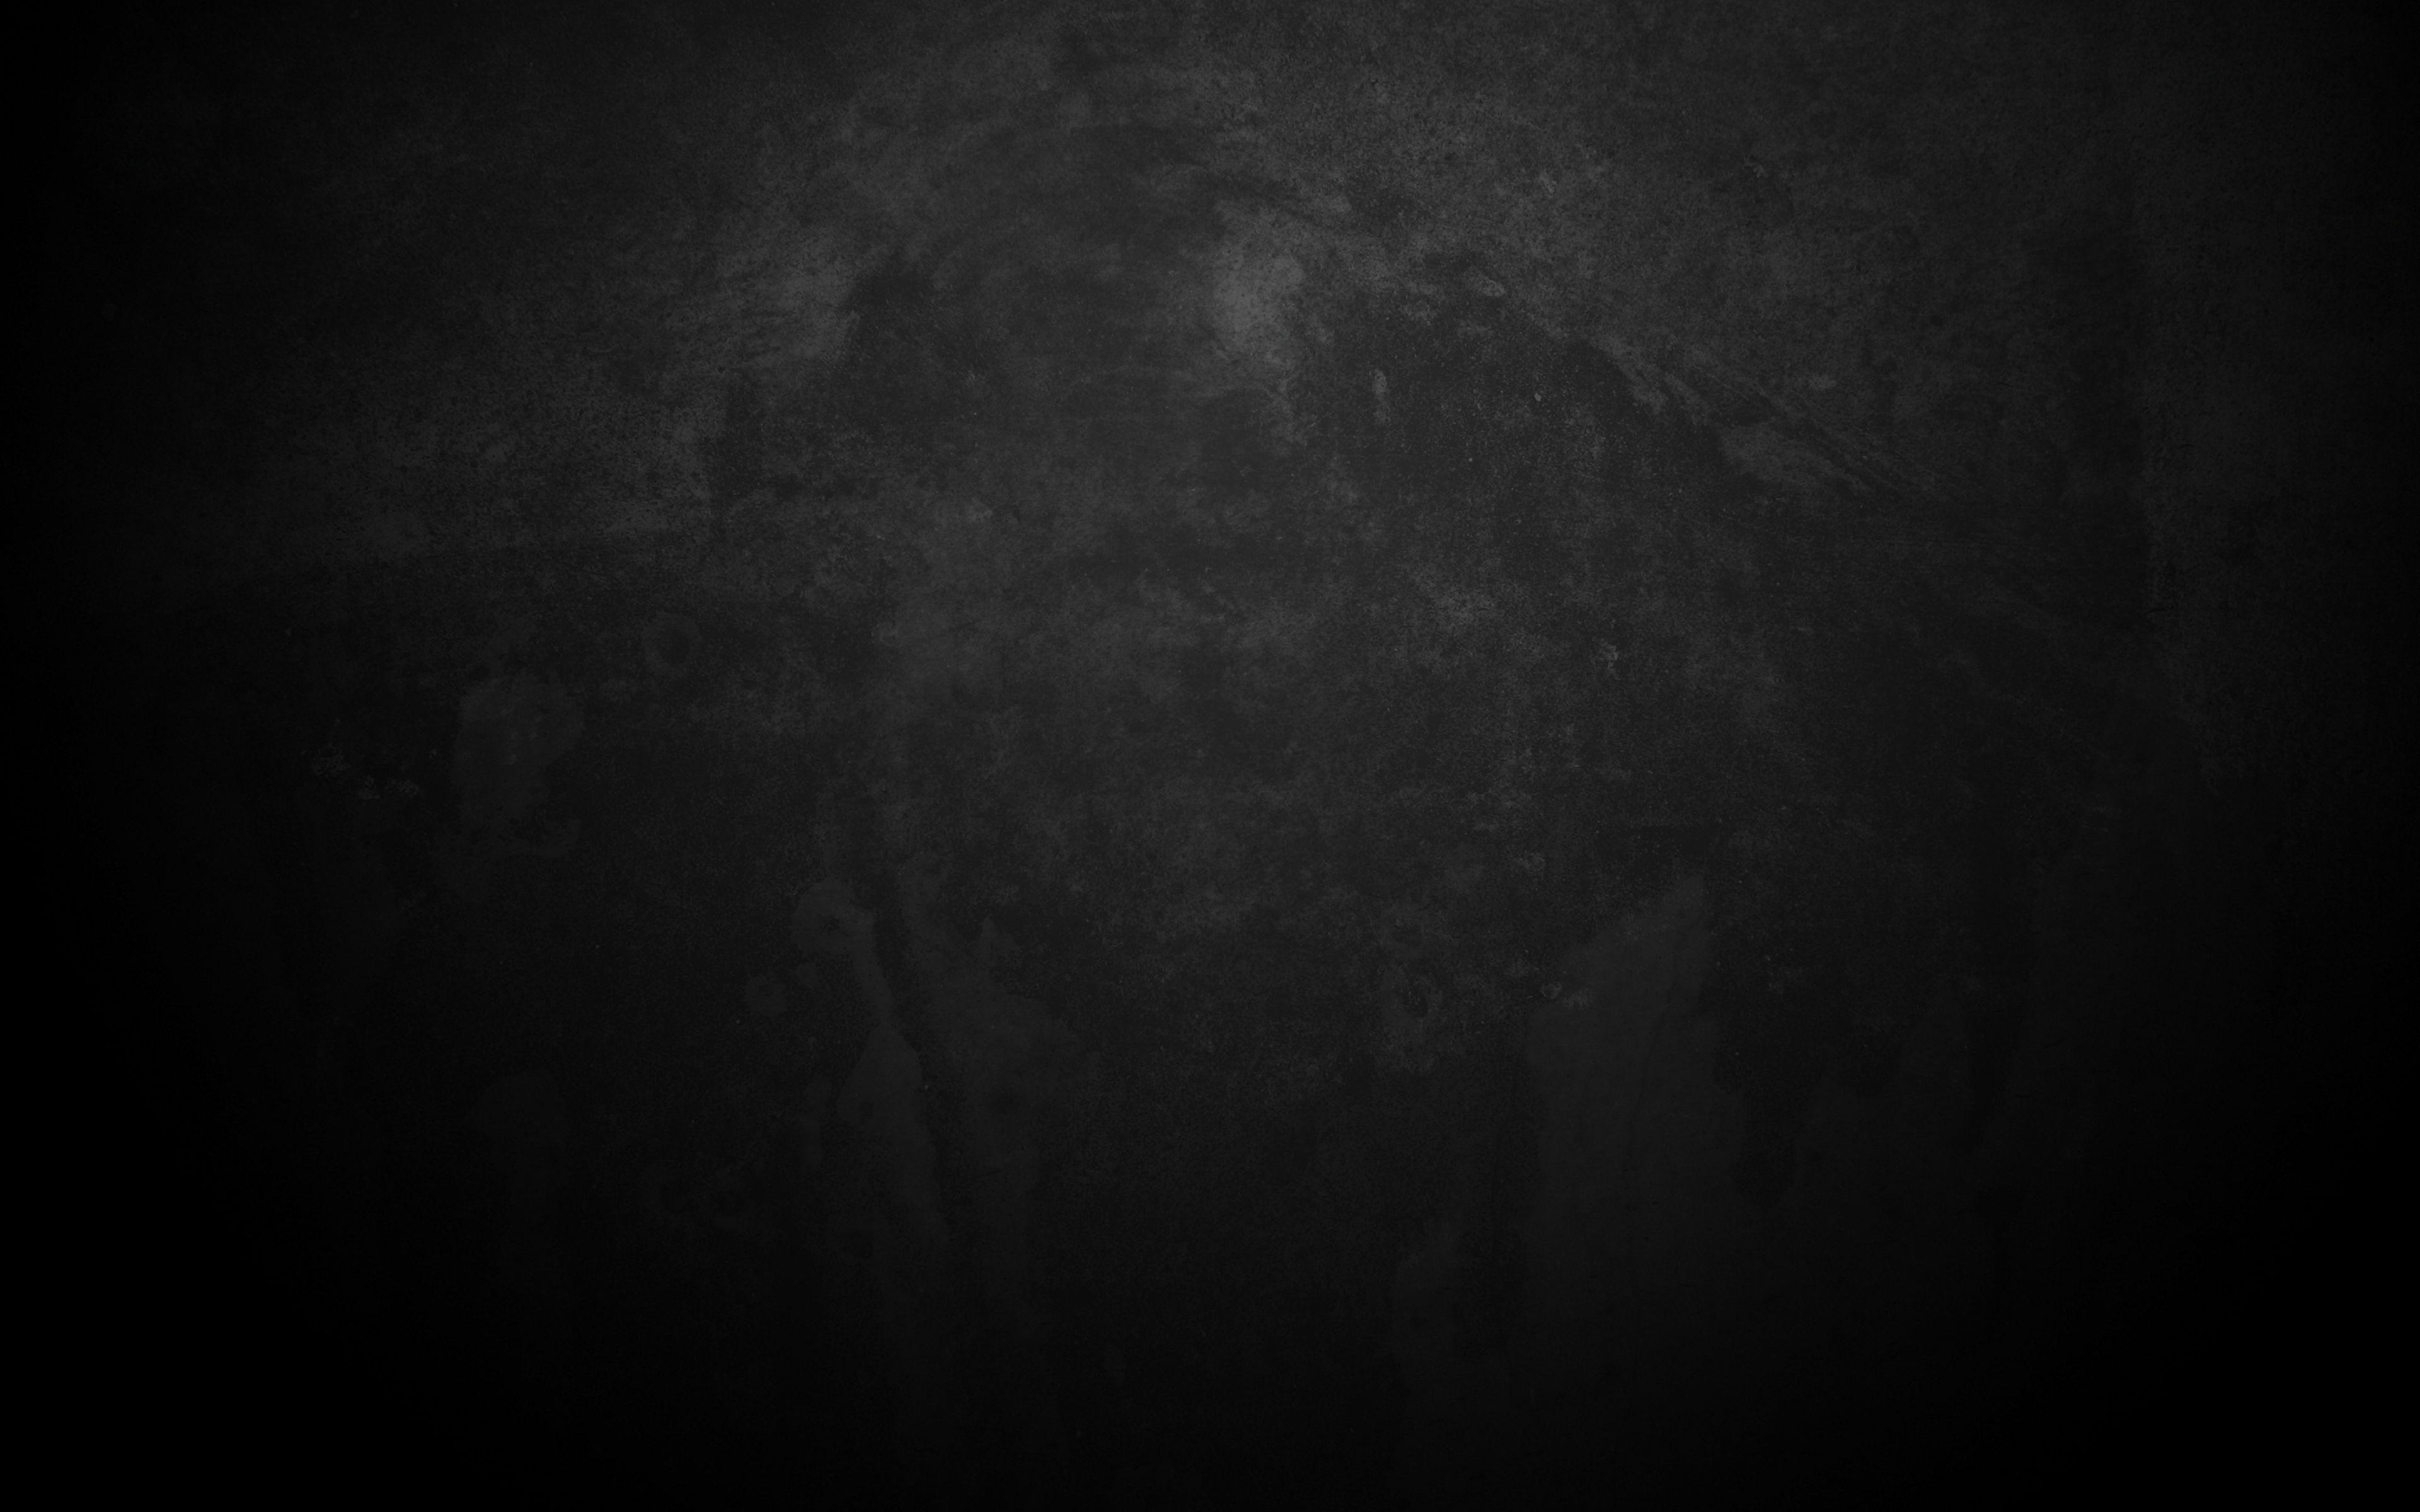 4K Dark Wall Background